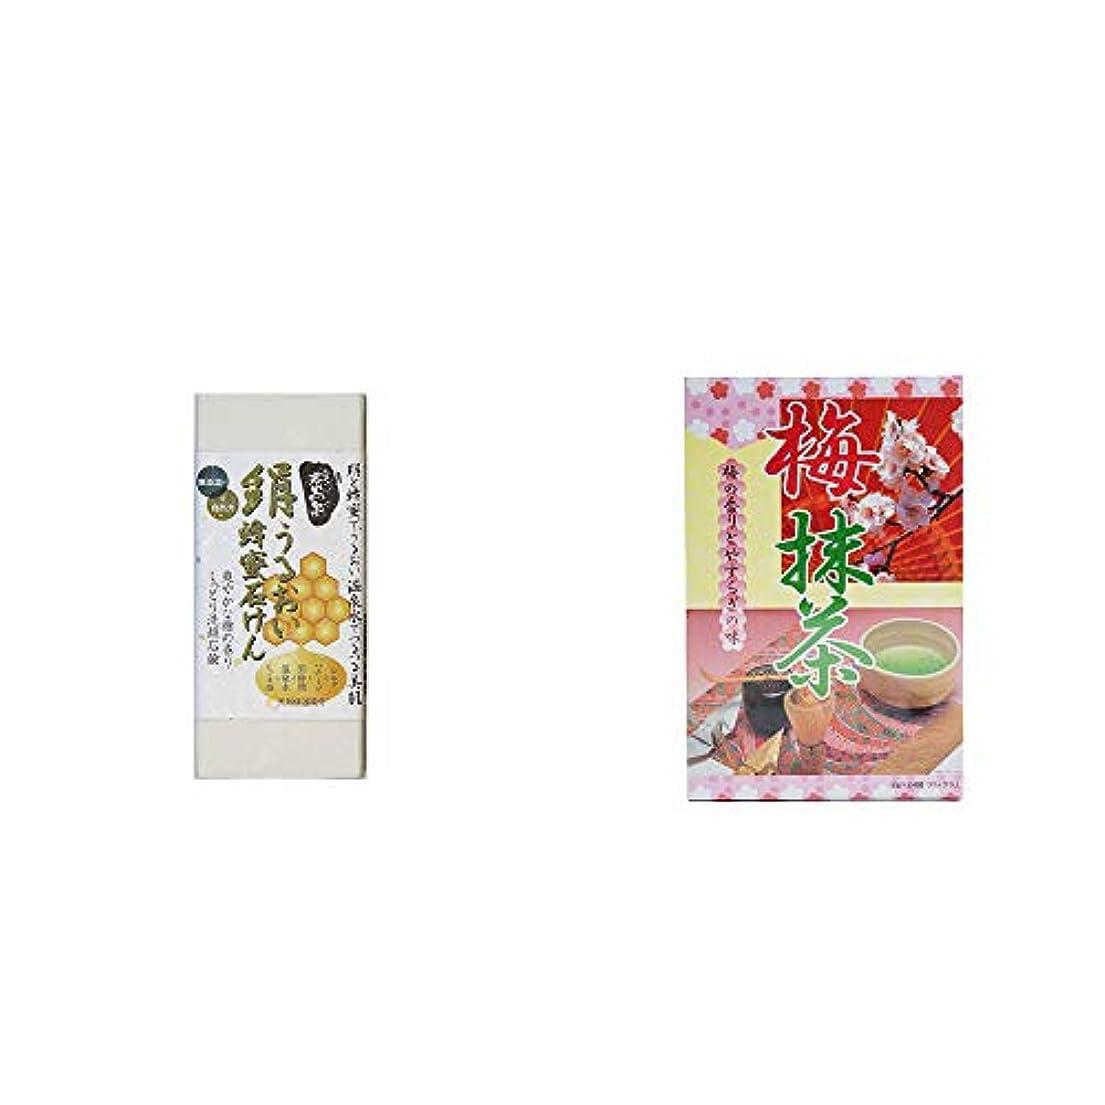 リッチ提案する評判[2点セット] ひのき炭黒泉 絹うるおい蜂蜜石けん(75g×2)?梅抹茶[大](24袋)